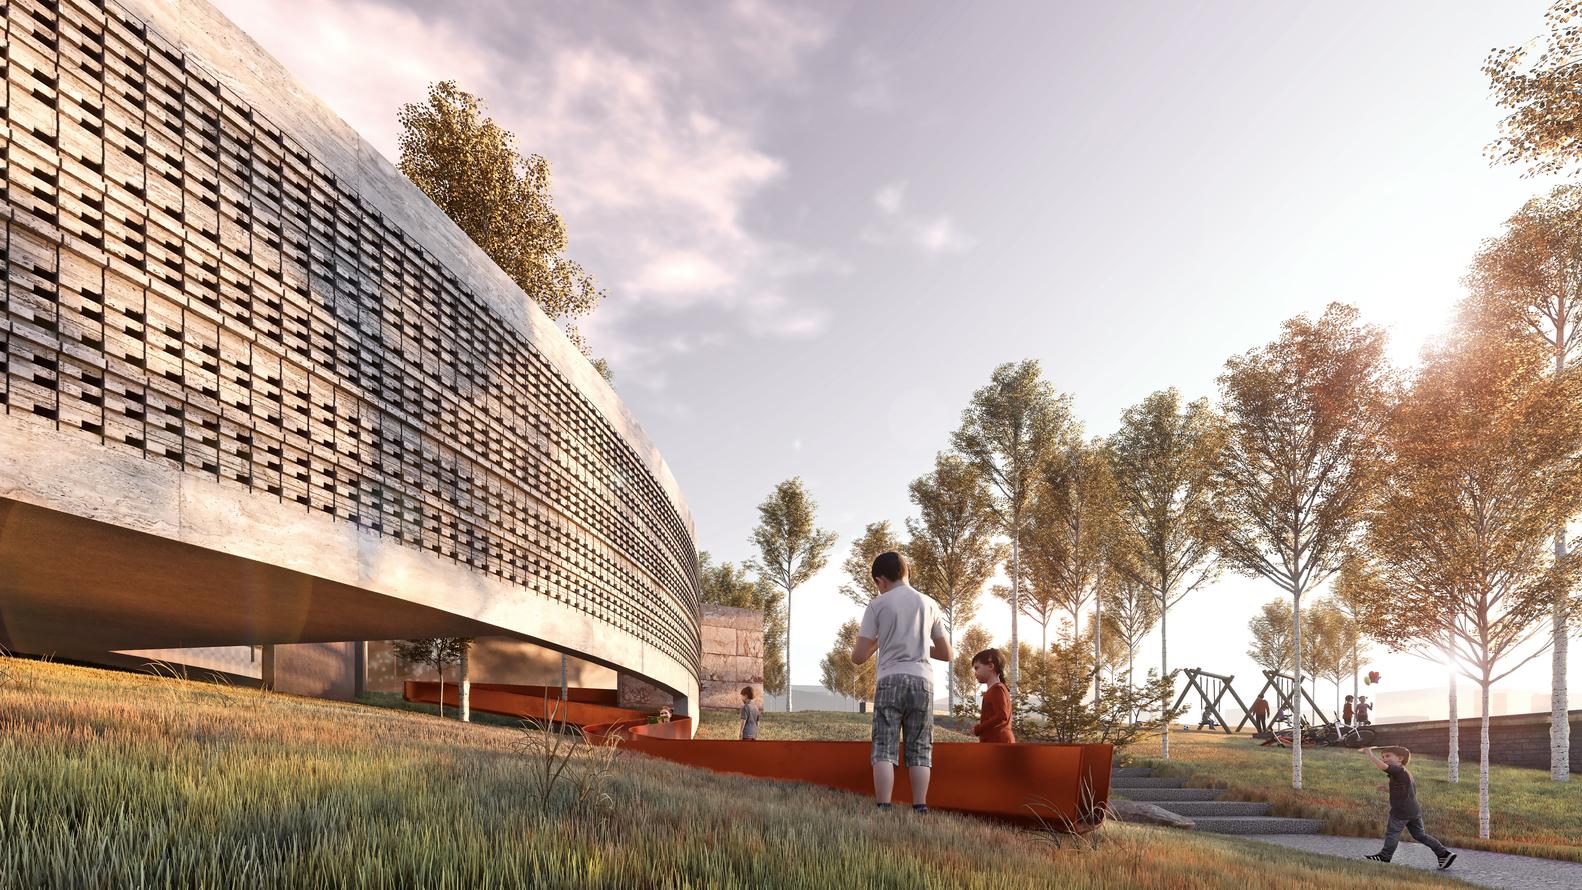 BeOffice Geleneksel Cami Mimarisini Yeniden Yorumladı 7